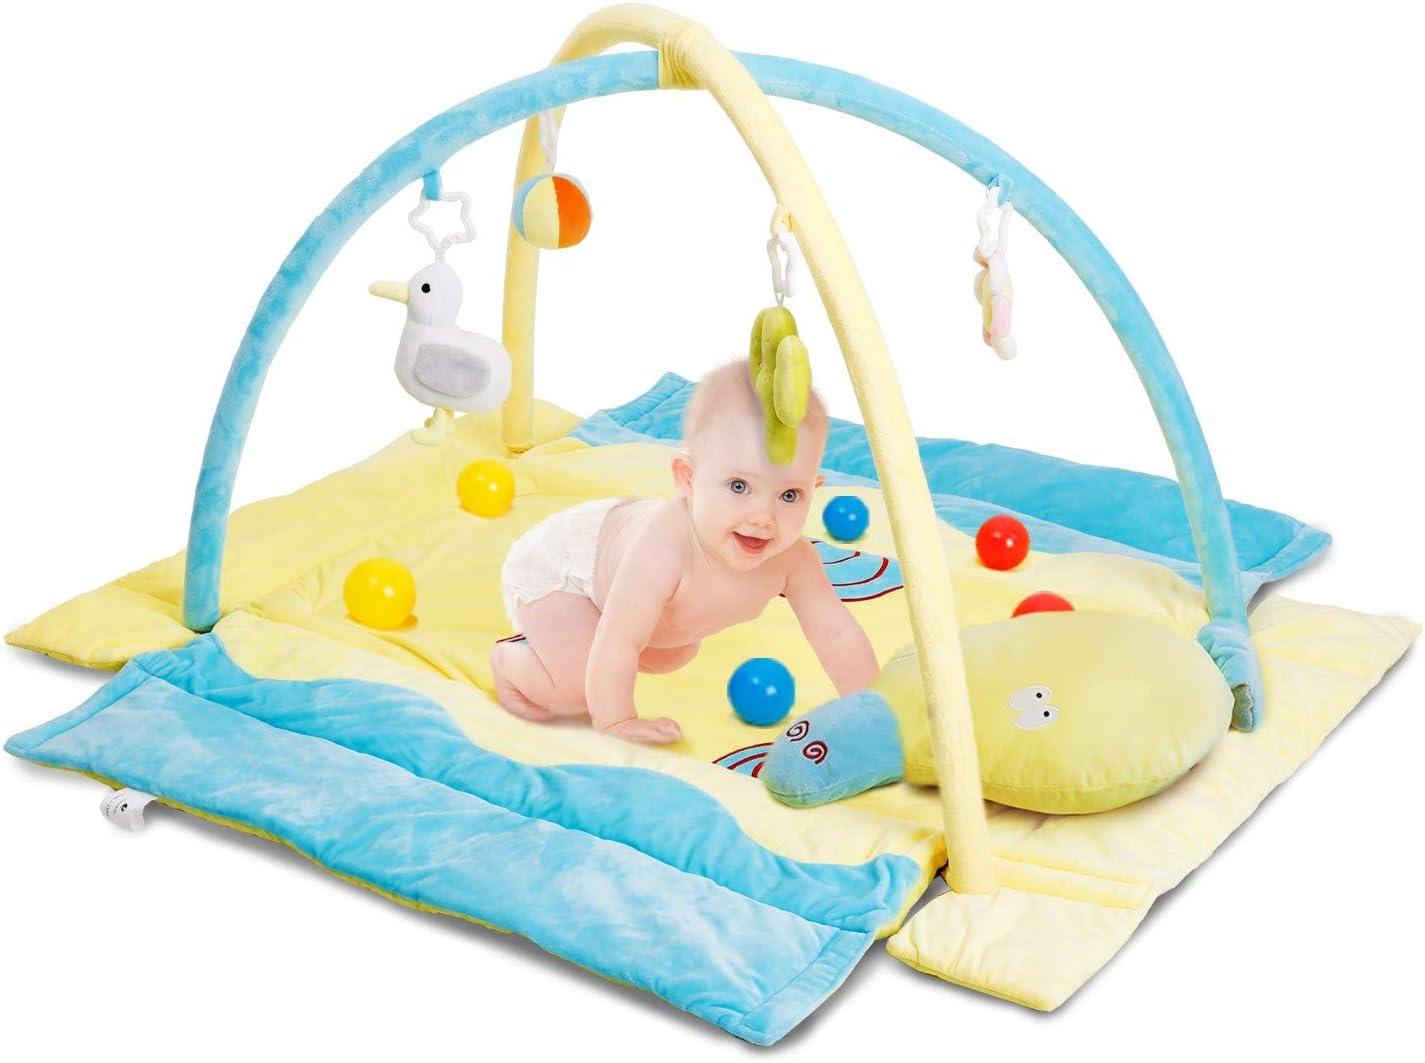 CRZDEAL Gimnasio de Actividades para Bebés, Area de Juego para Bebé, Material de Algodón Súper Suave, 110*105*68cm, con Una Almohada de Animales, Adecuado para Bebé de 0 a 36 Meses